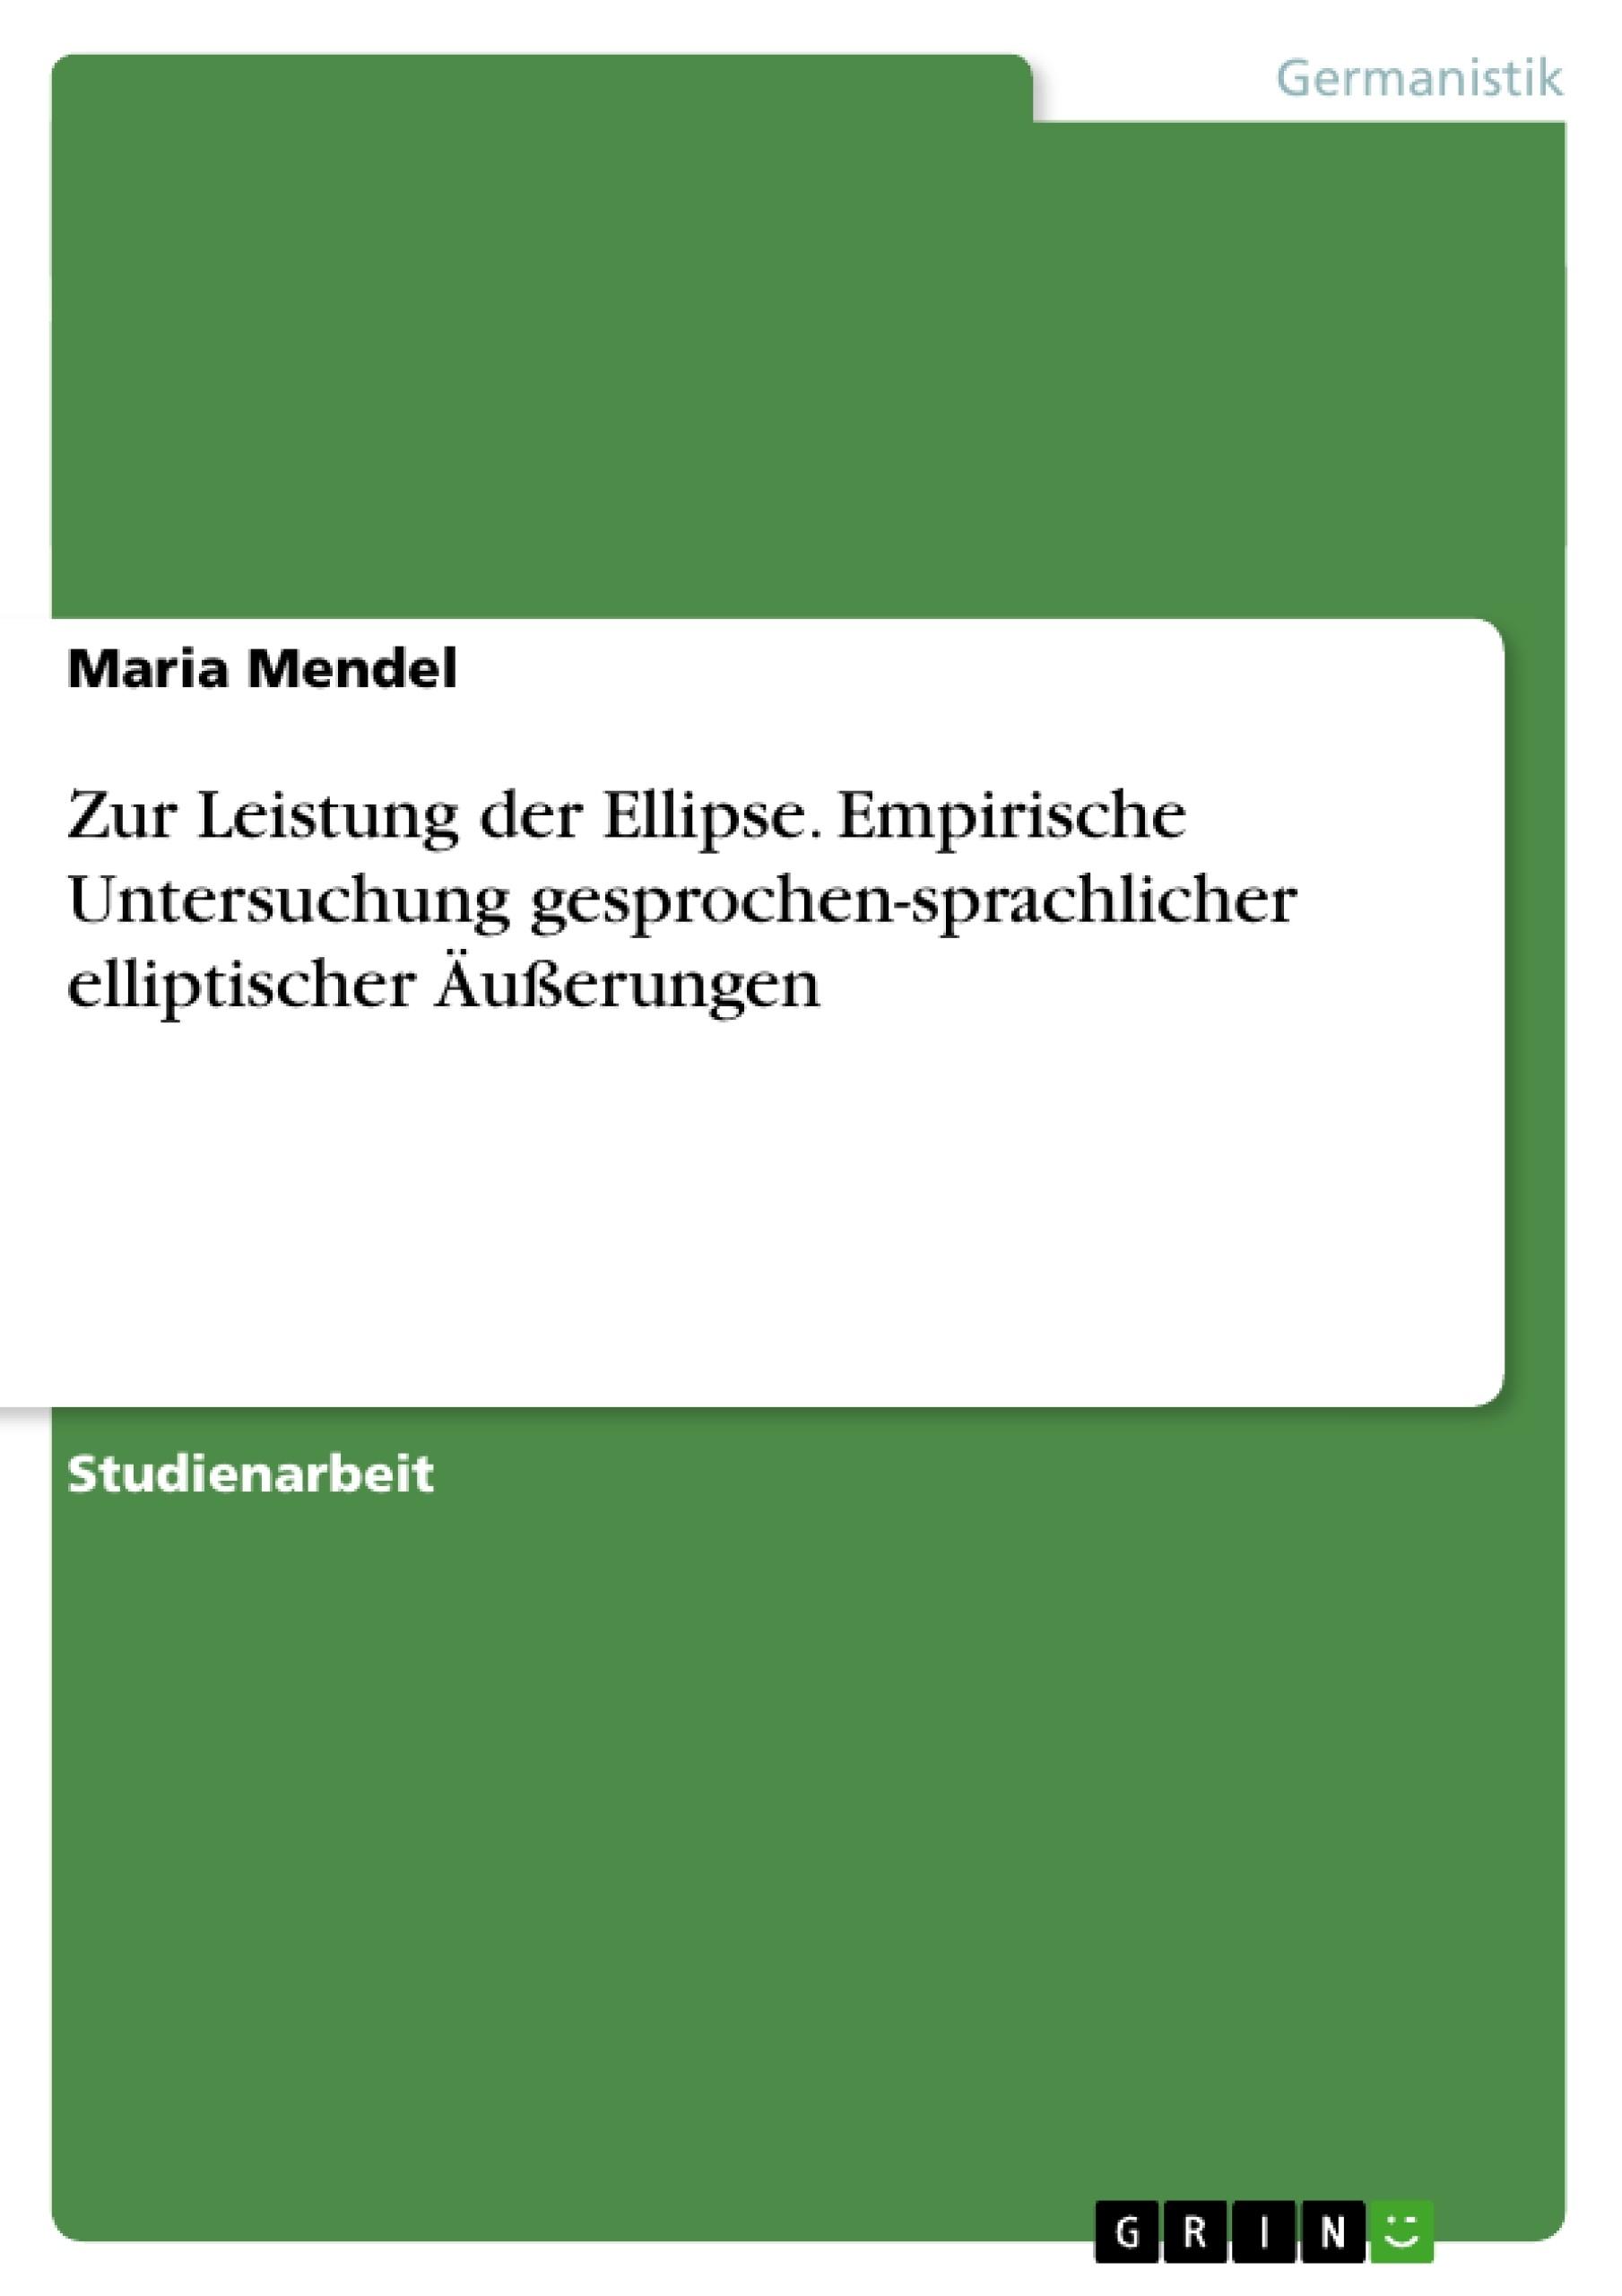 Titel: Zur Leistung der Ellipse. Empirische Untersuchung gesprochen-sprachlicher elliptischer Äußerungen